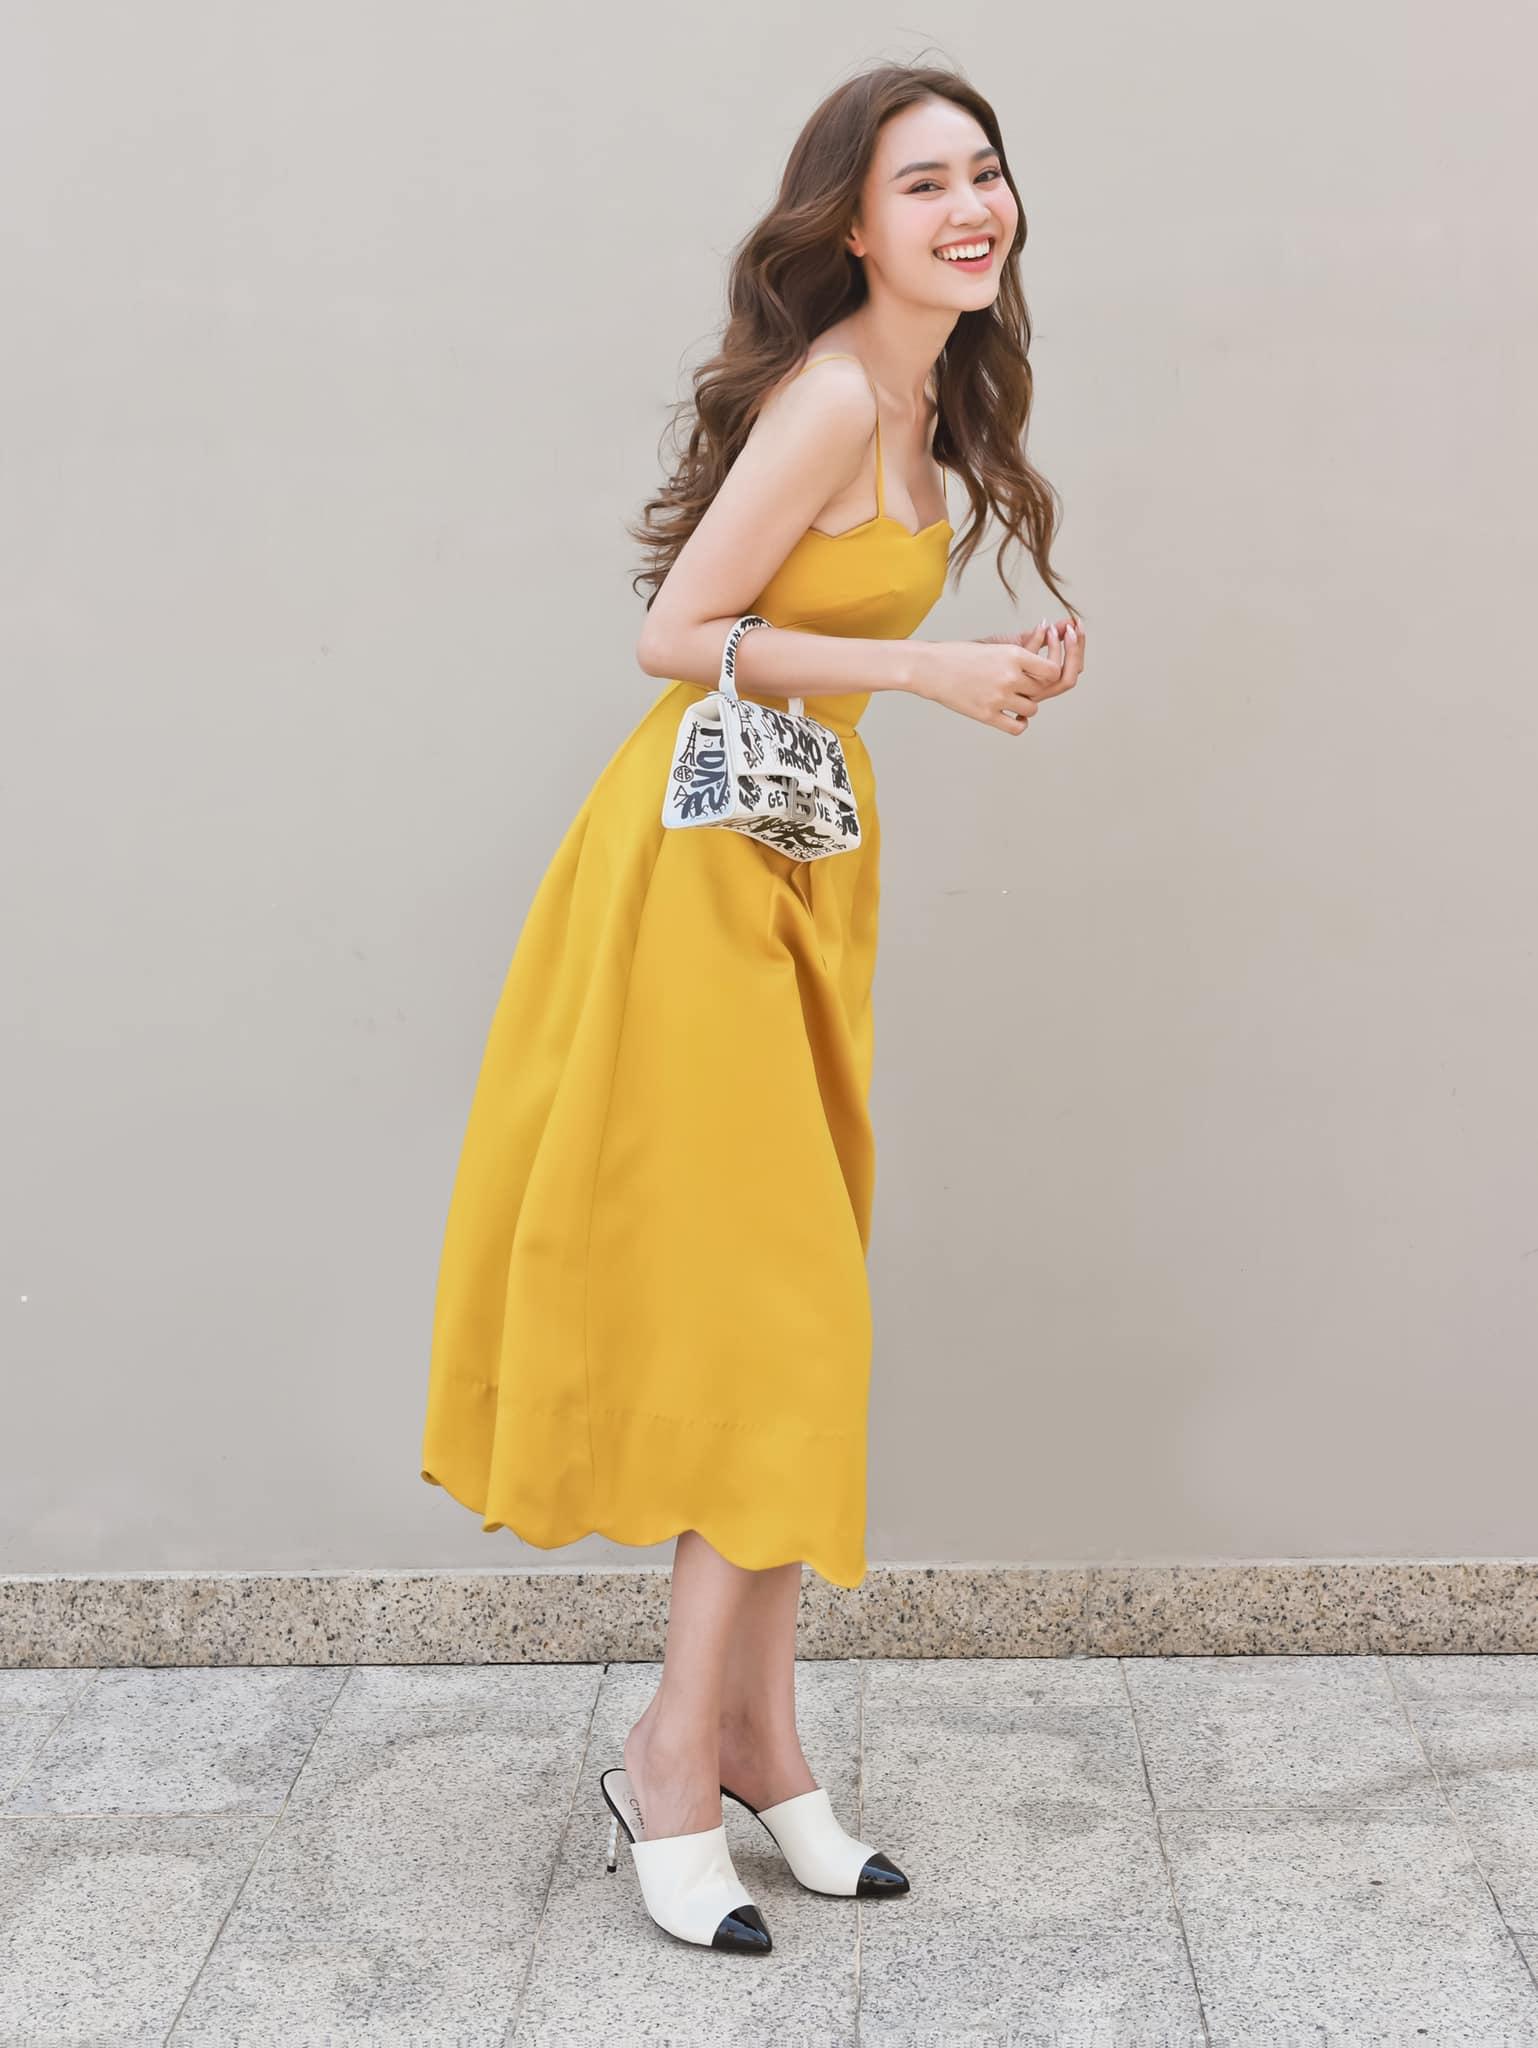 Chiếc váy vàng rực giúp Lan Ngọc tỏa sáng trên đường phố ngày hè.